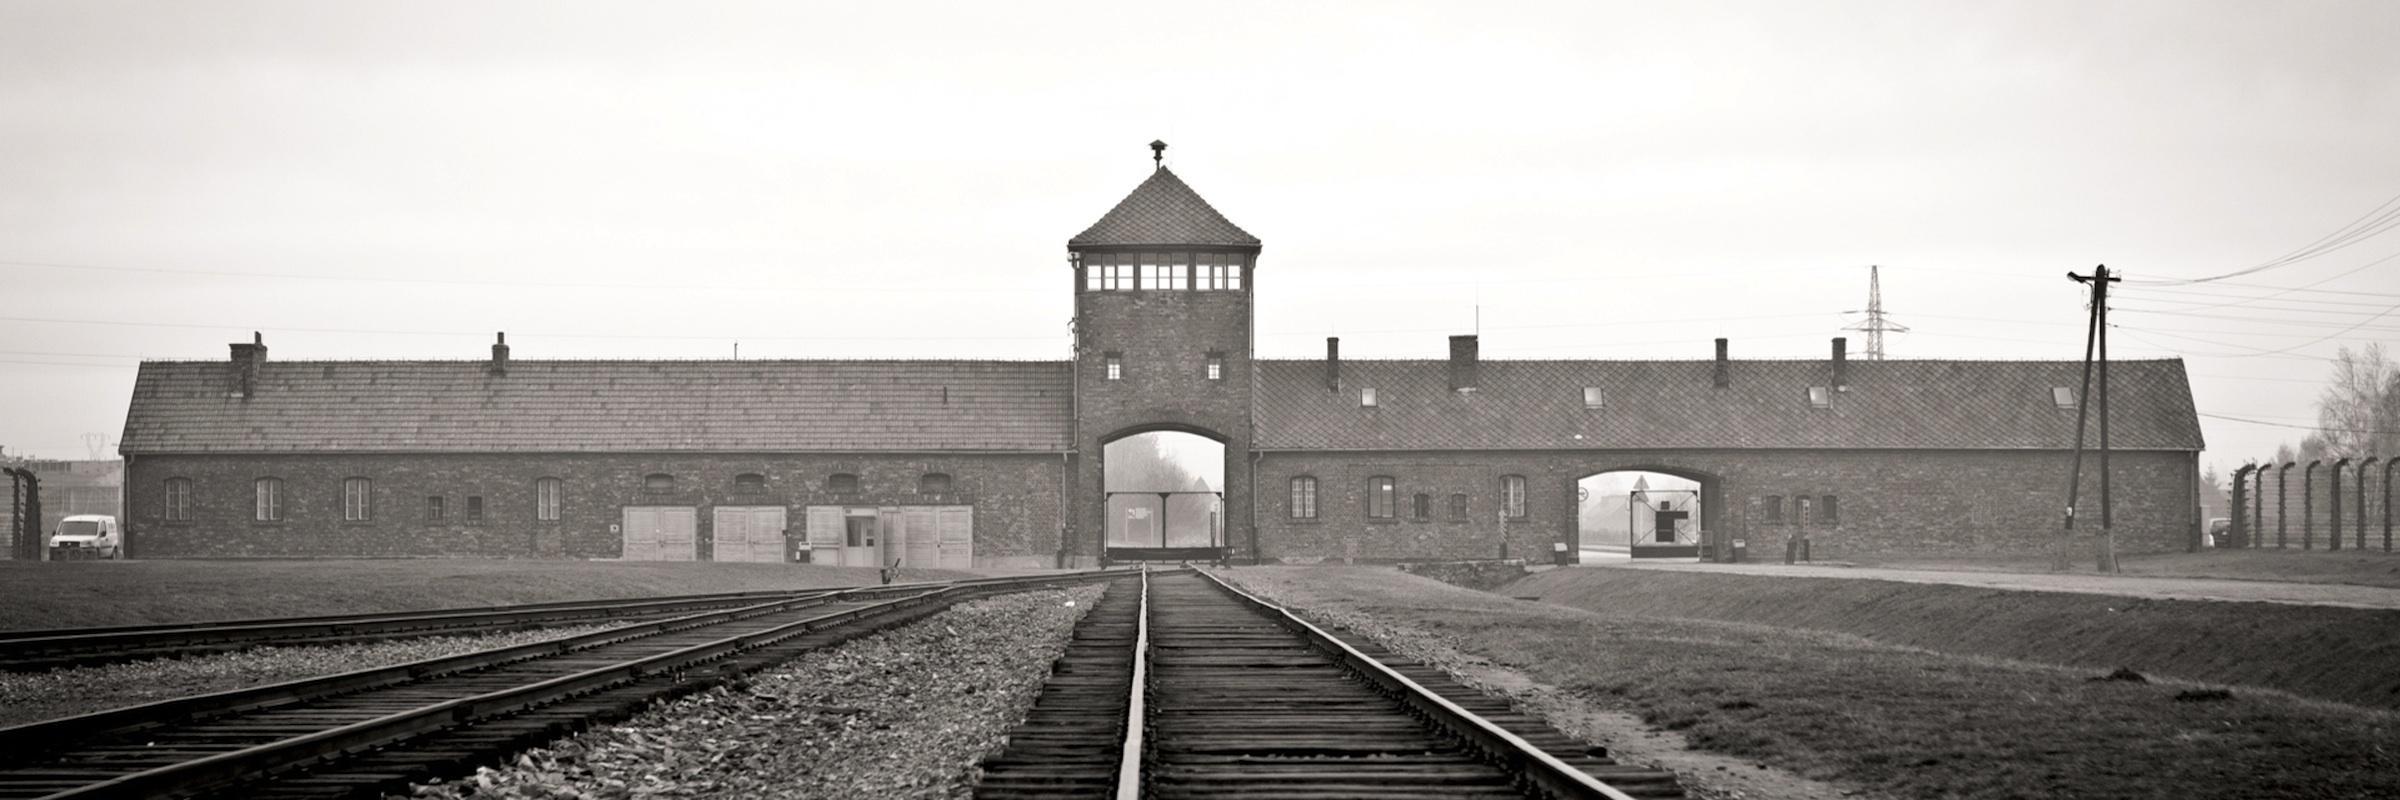 Birkenau_Auschwitz_Polonia_Cracovia